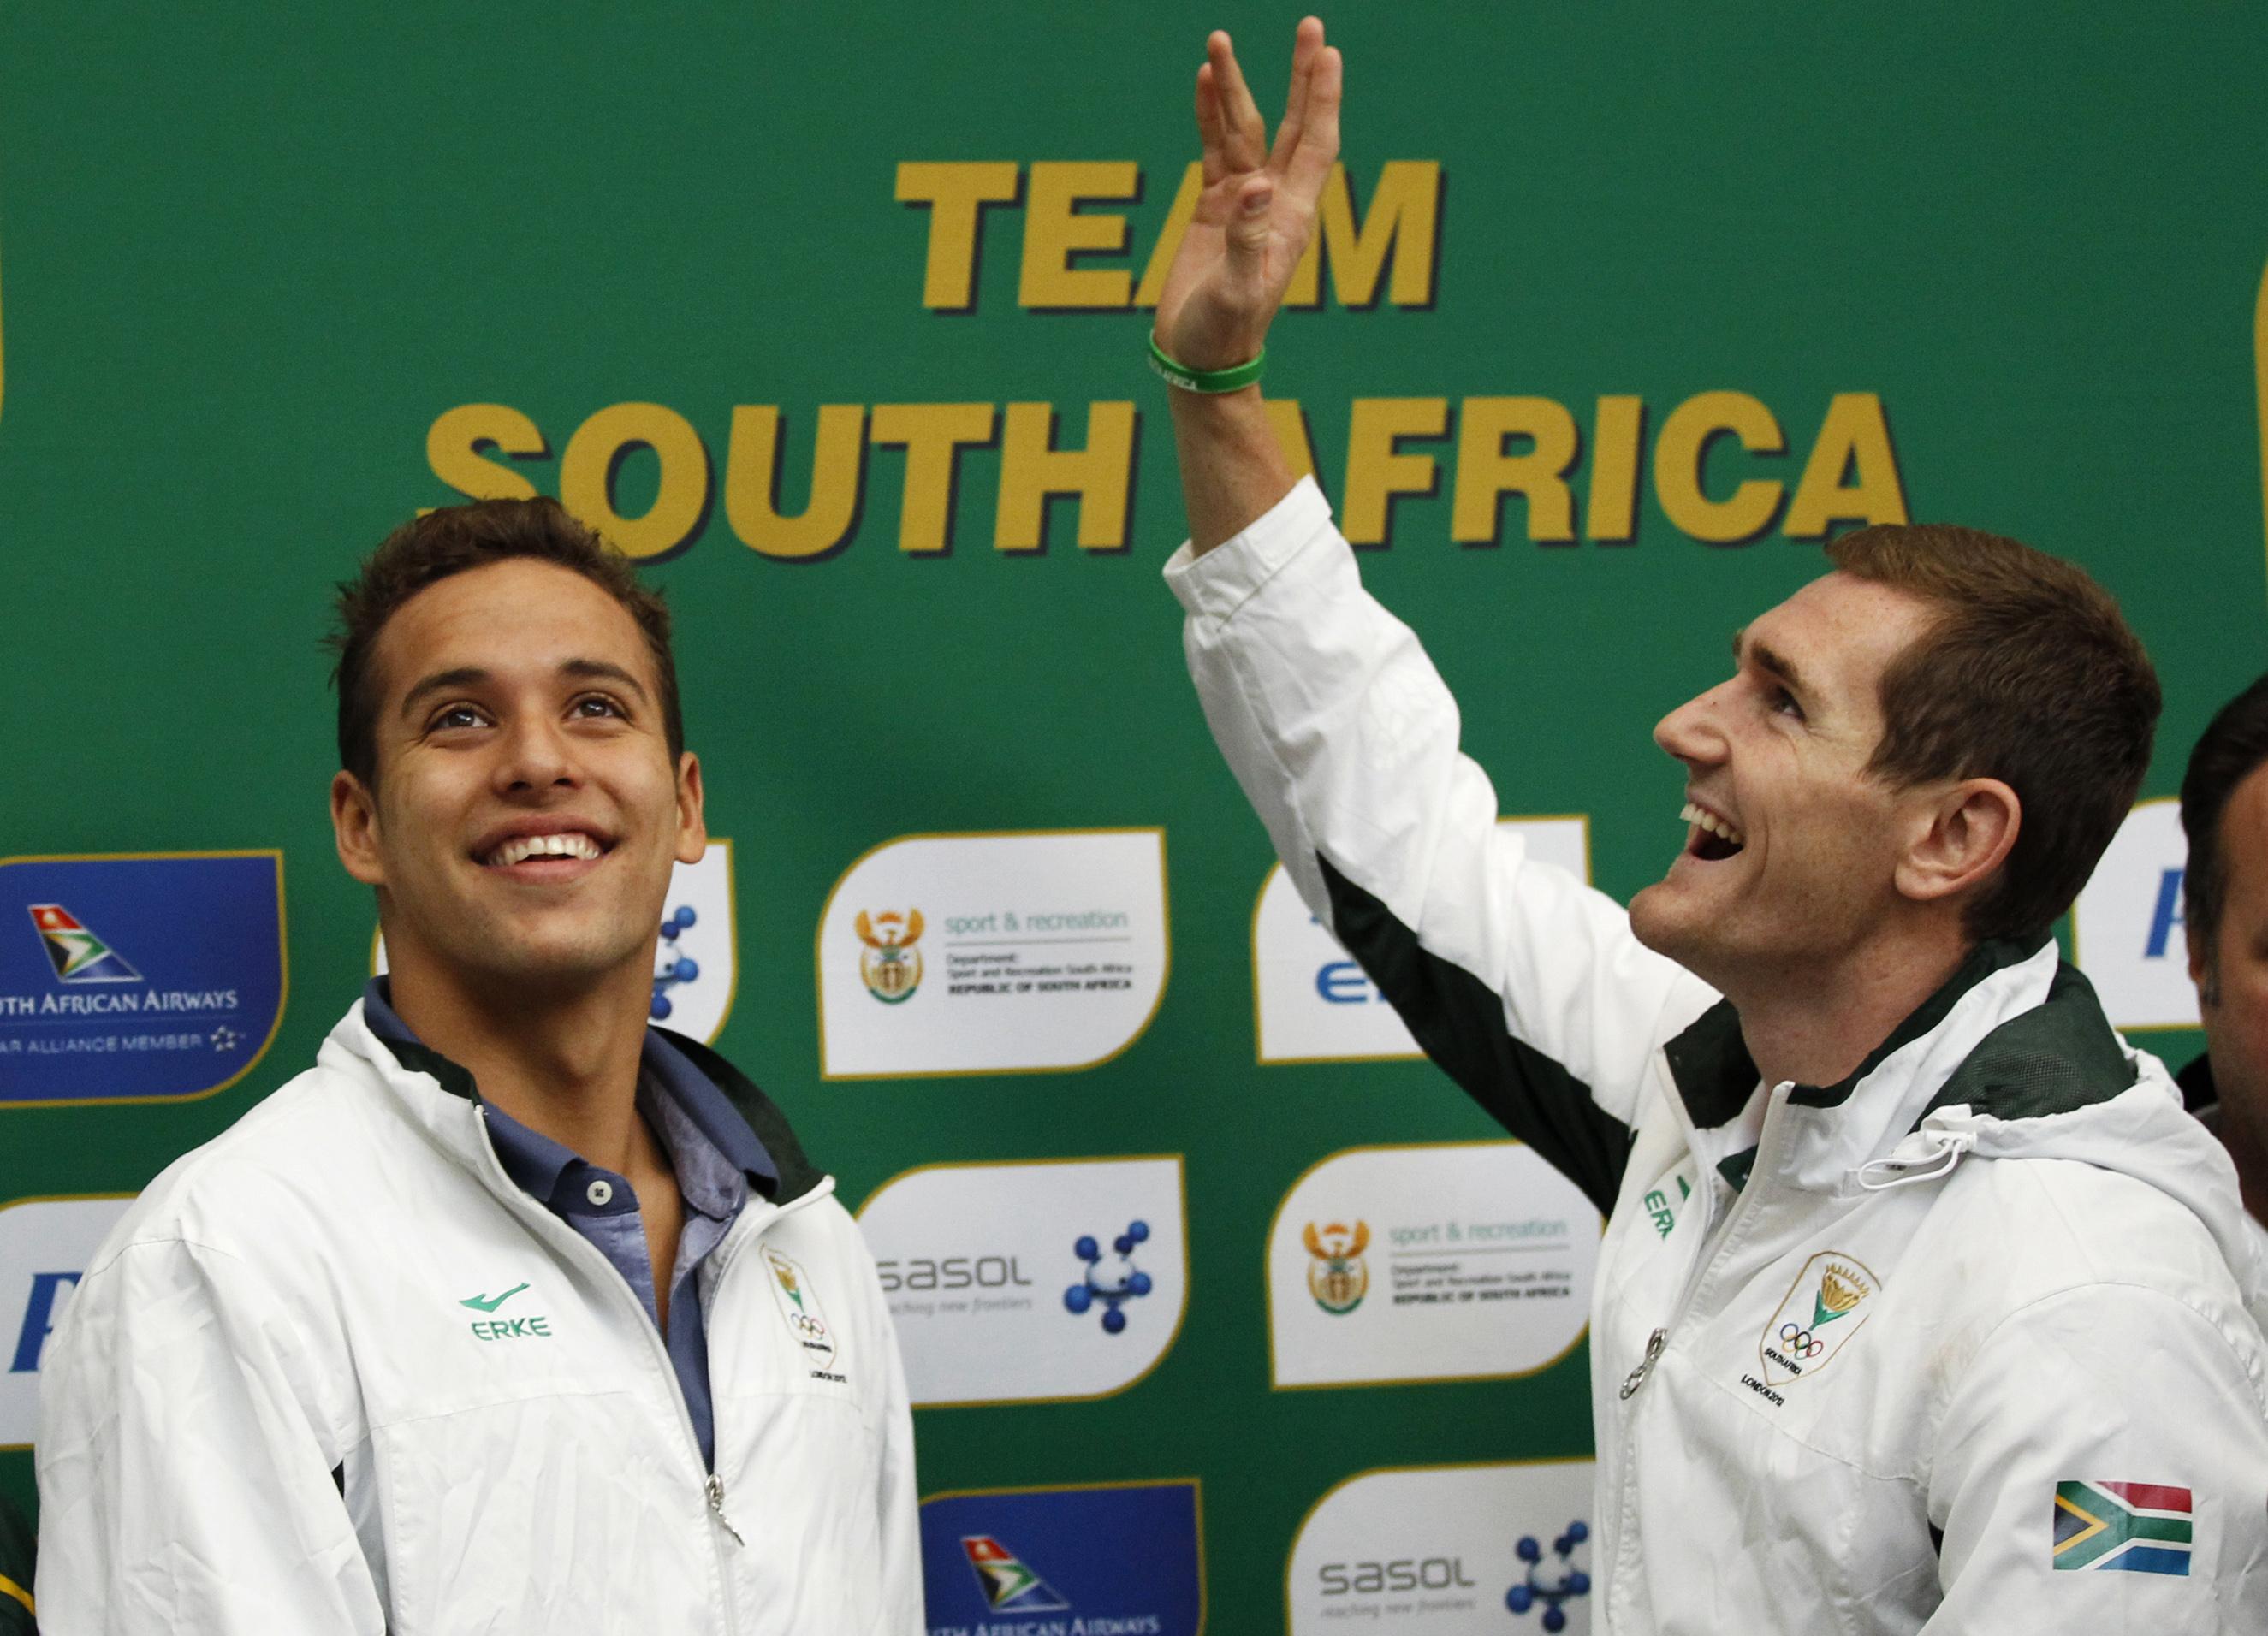 FOTO Siphiwe Sibeko/ Reuters